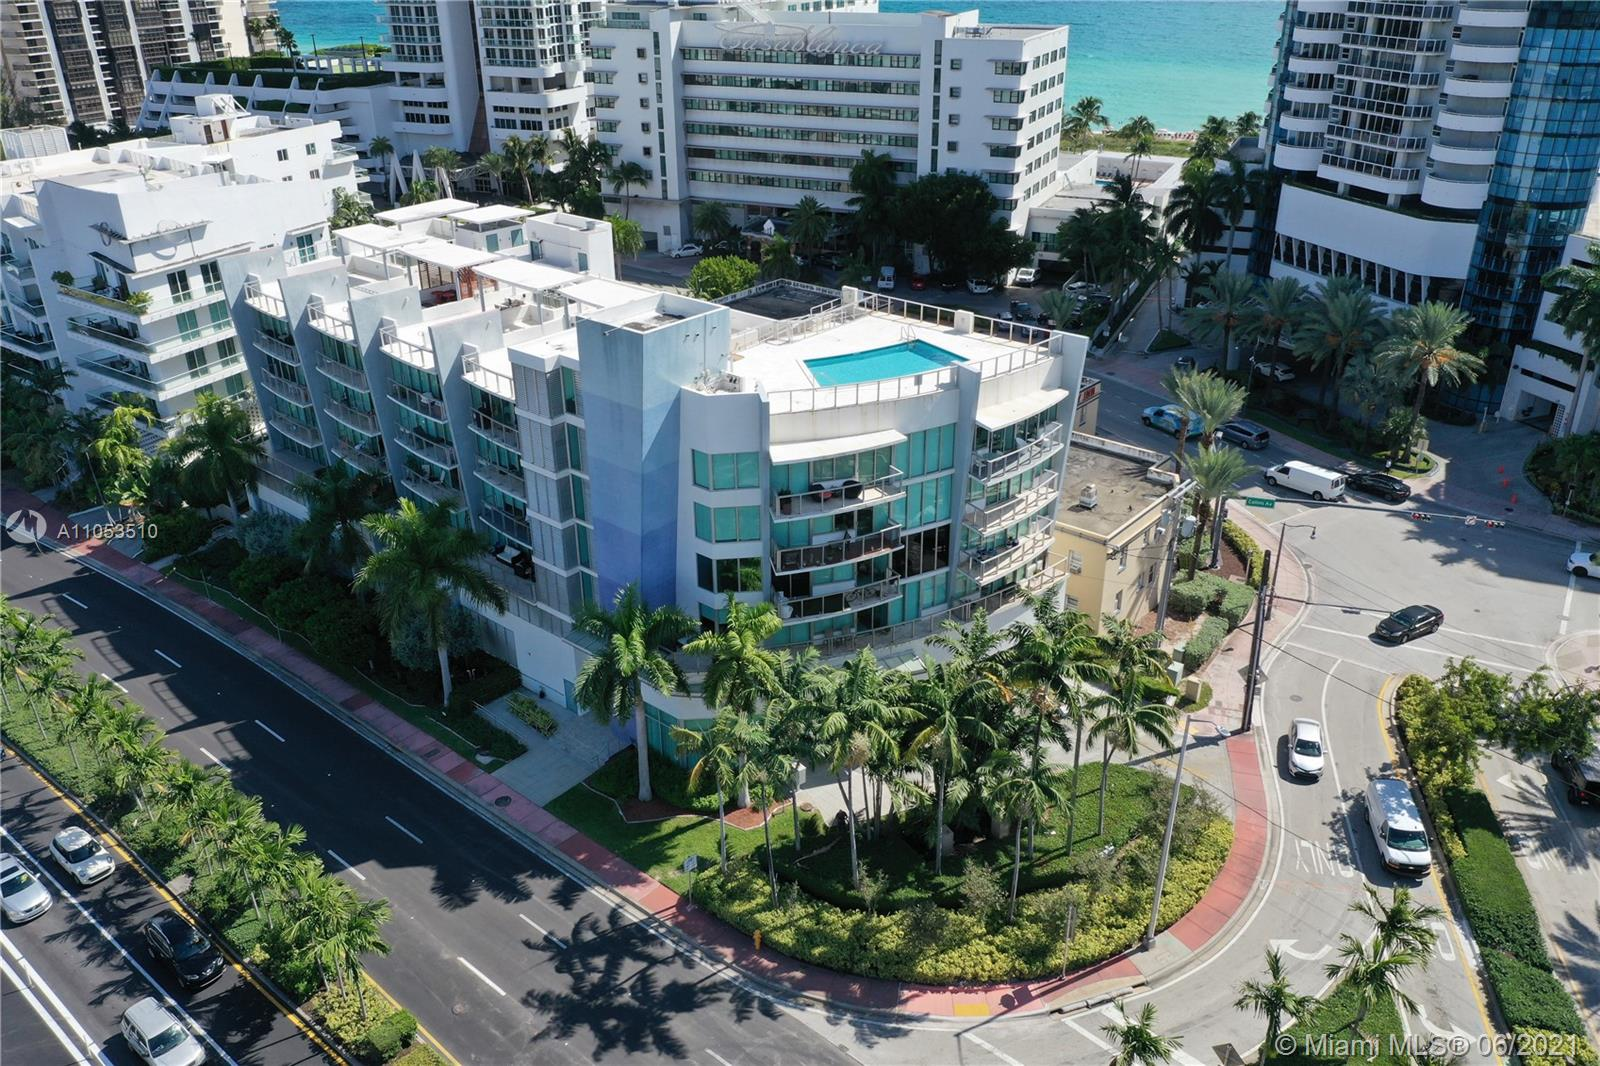 63 Nobe Condo #5A - 6305 Indian Creek Dr #5A, Miami Beach, FL 33141